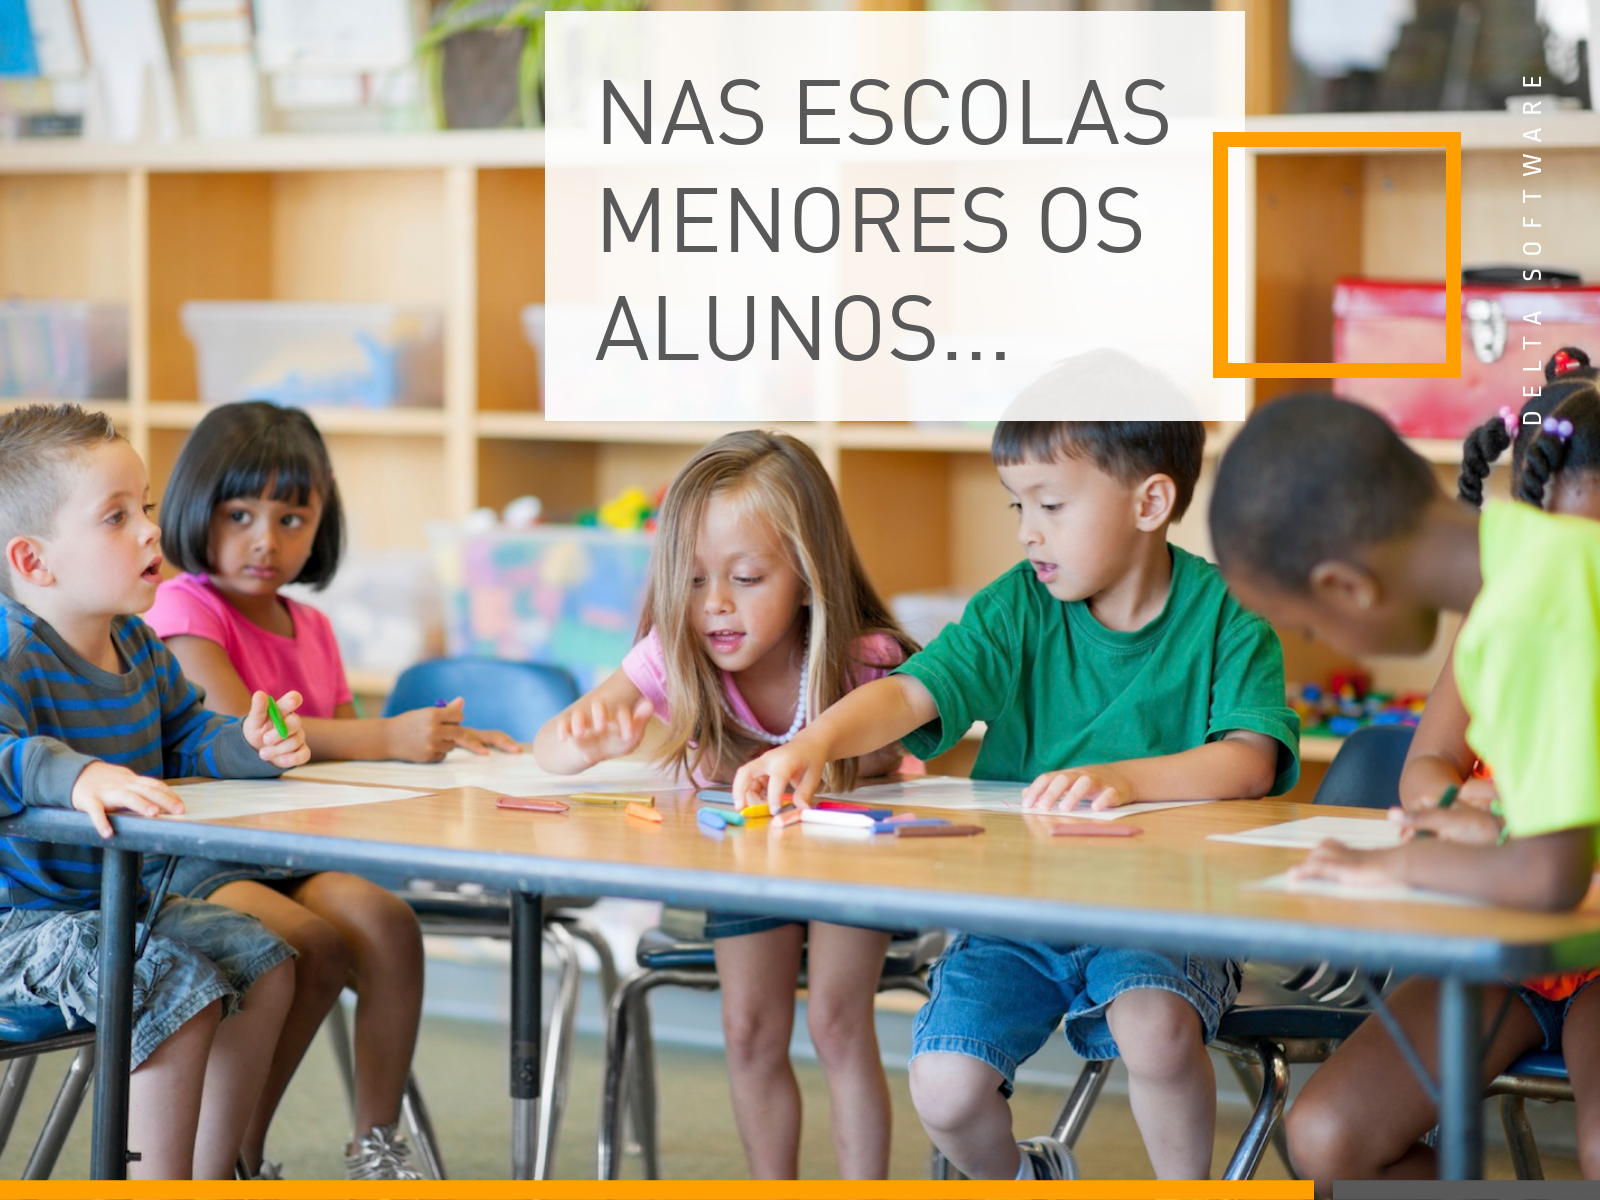 Nas escolas menores os alunos